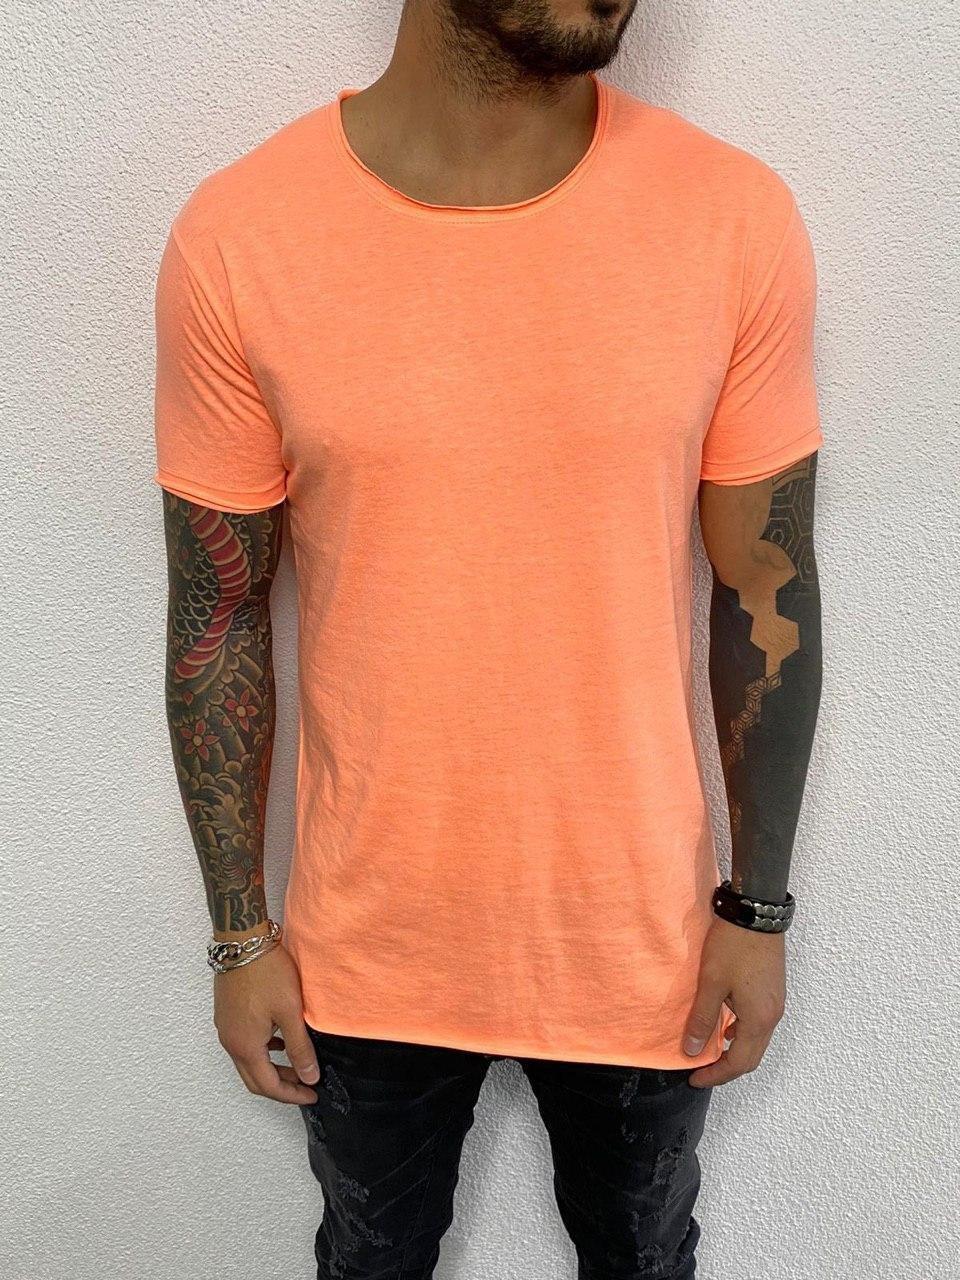 Футболка мужская удлиненная желтая, оранжевая, розовая однотонная хлопок Турция